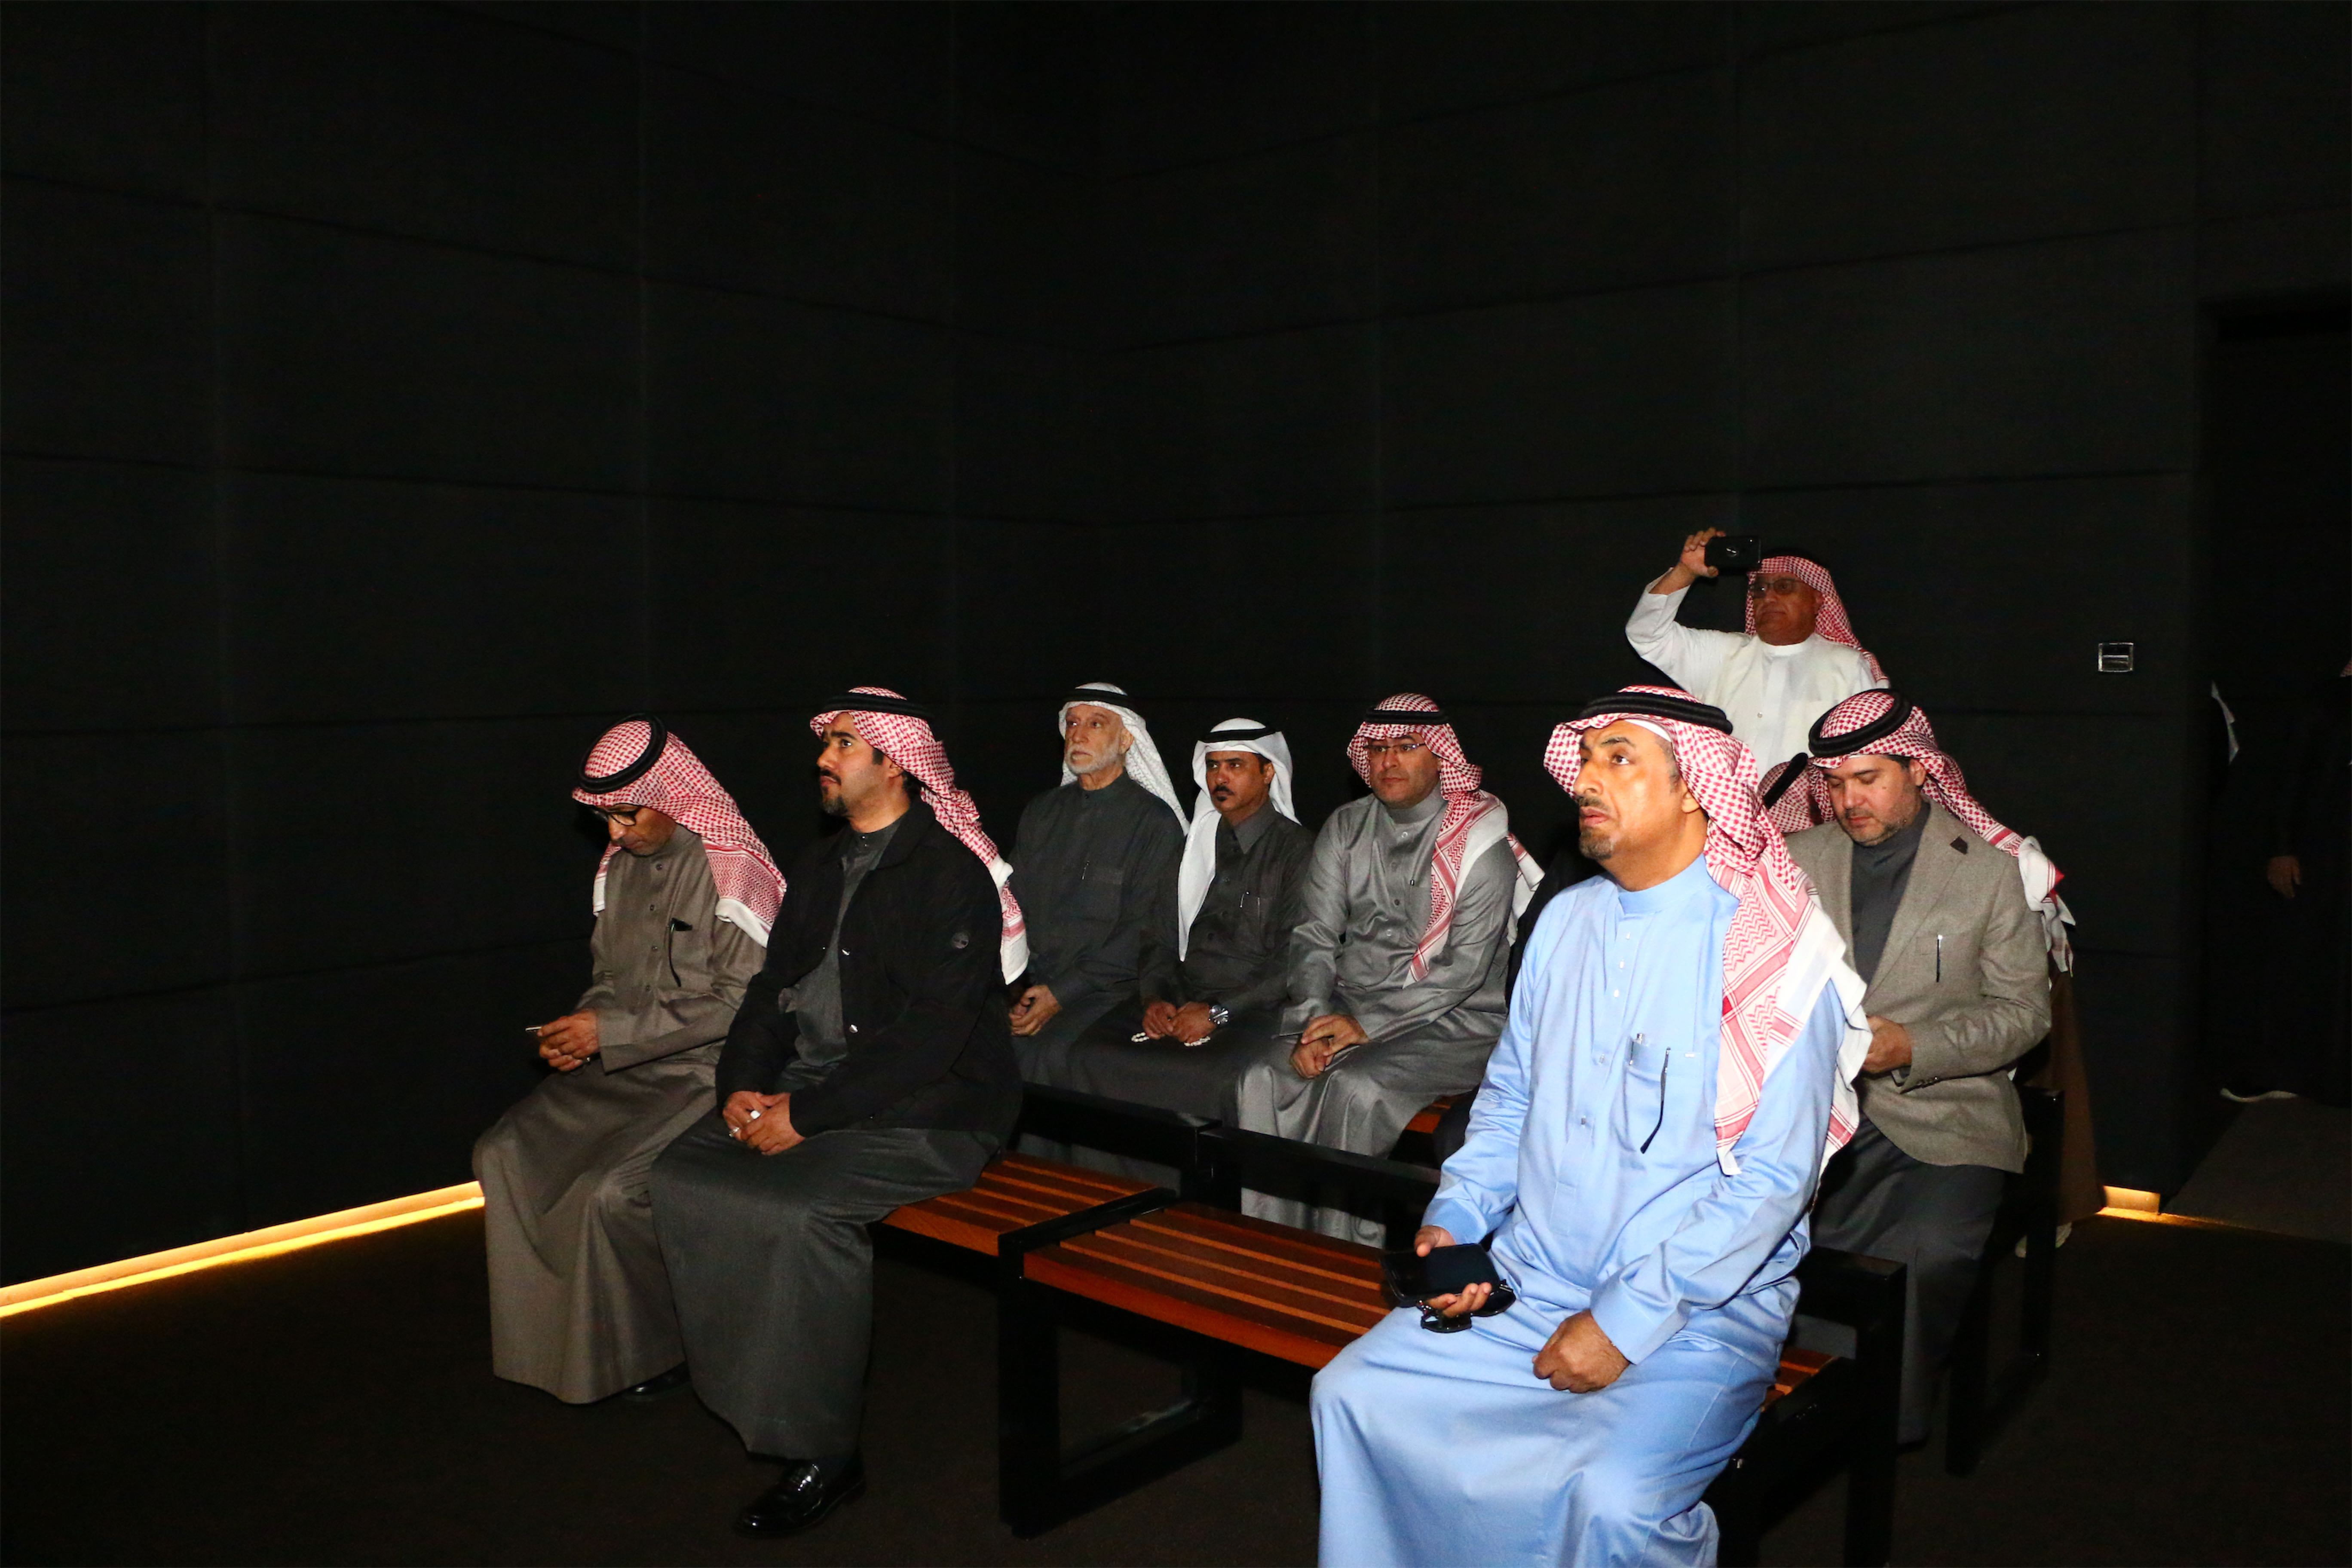 وفد رجال وسيدات الأعمال يزورون المتحف الإقليمي بدومة الجندل